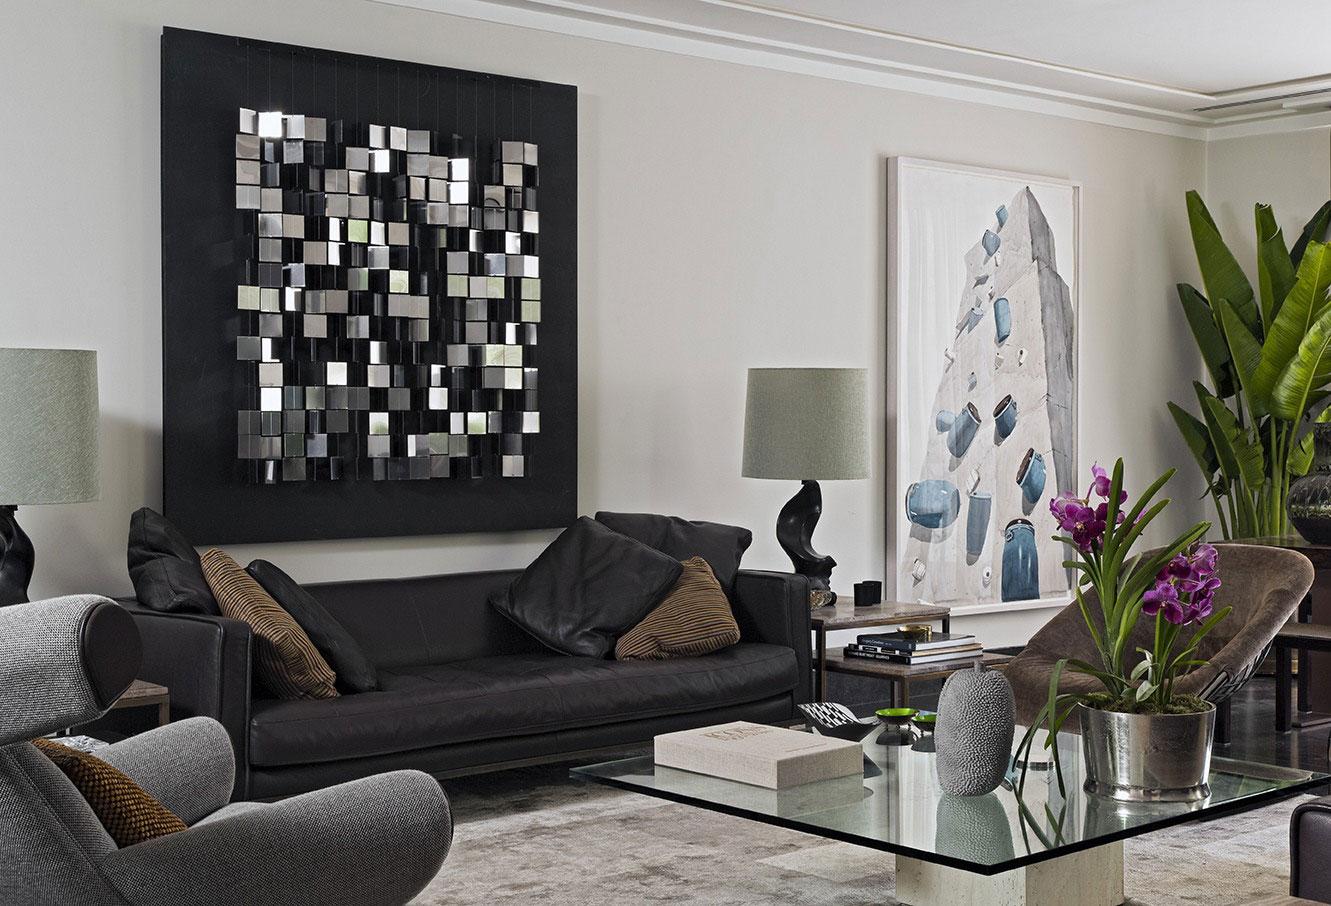 Fullsize Of Ideas For Living Room Decorating